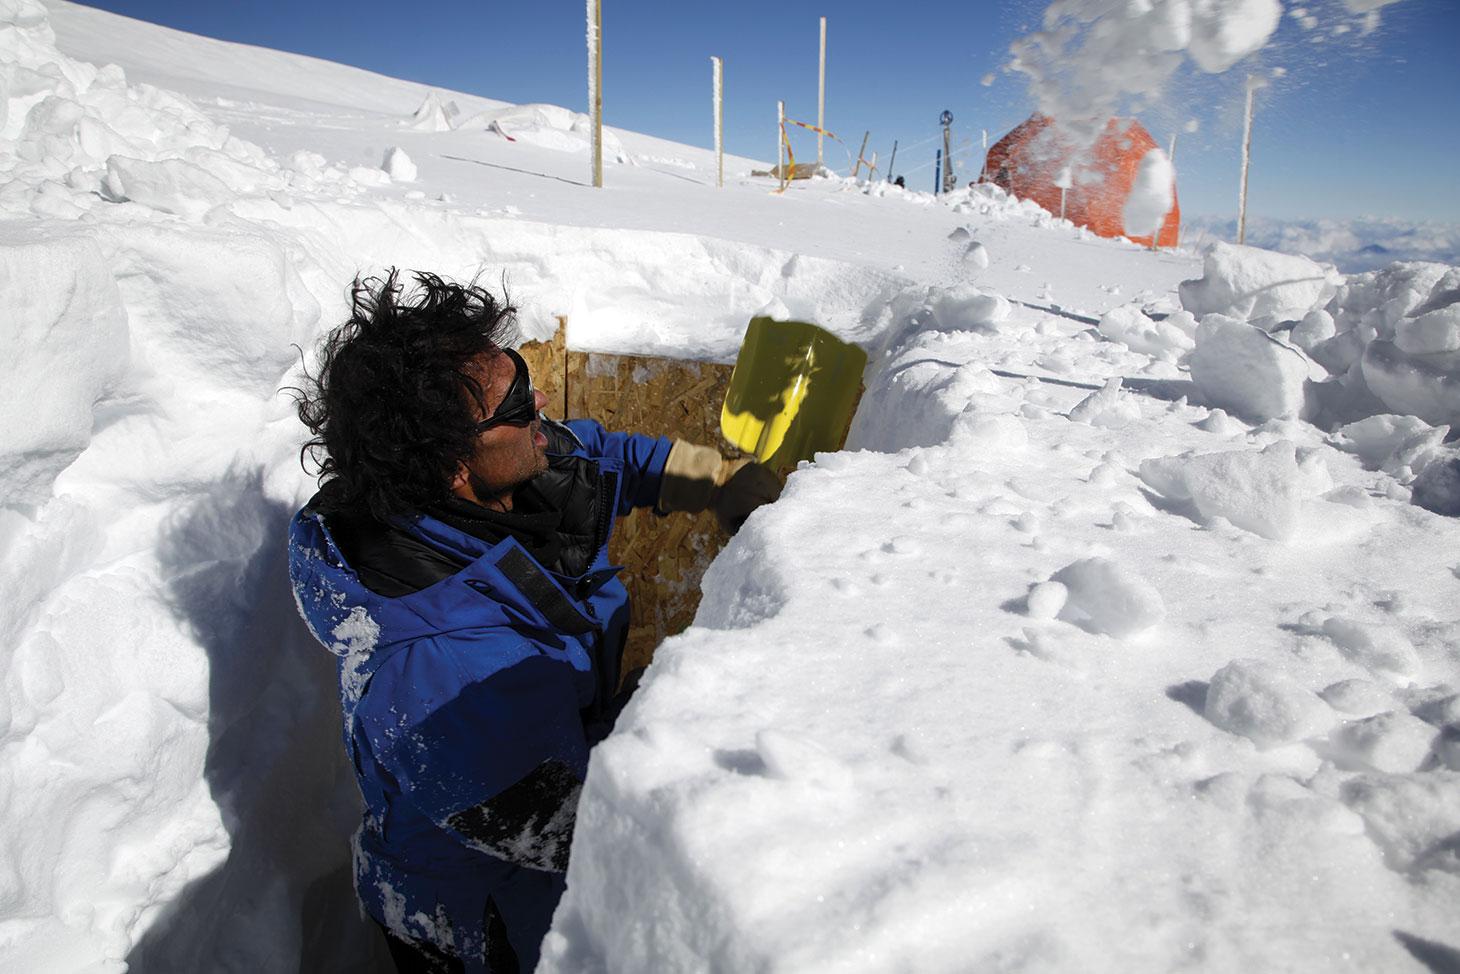 Bruno Jourdain creuse une tranchée pour le stockage des caisses de carottes de glace. Il restera là-haut au col du Dôme tout le temps de la mission.